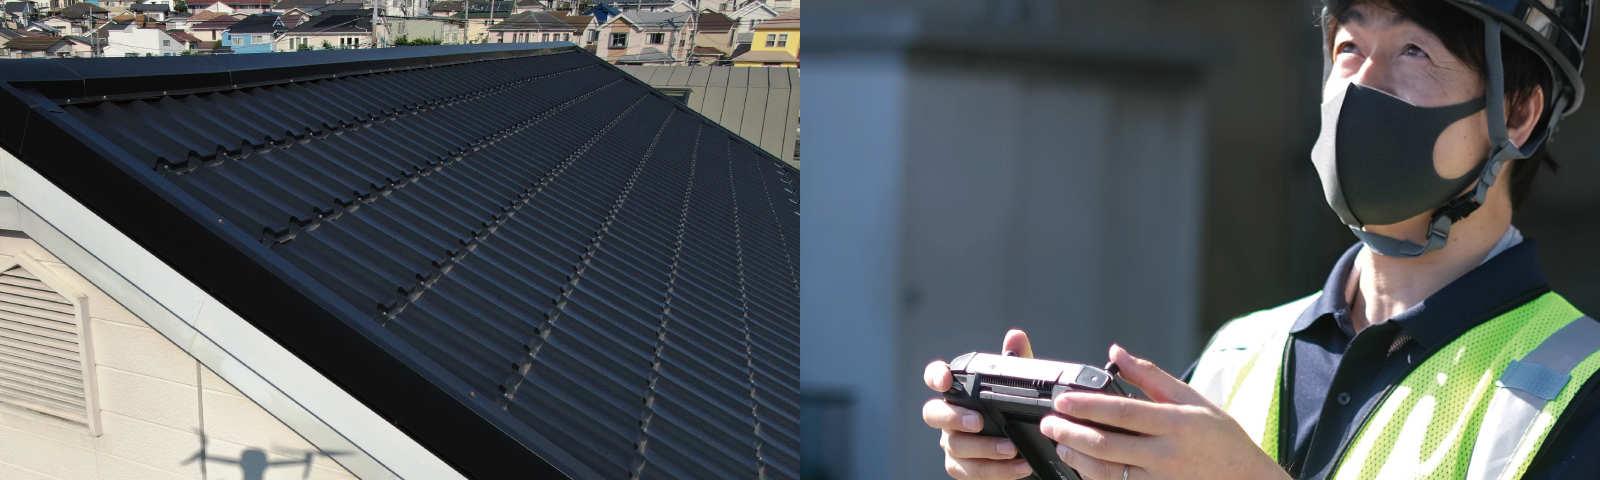 屋根/外壁 点検イメージ